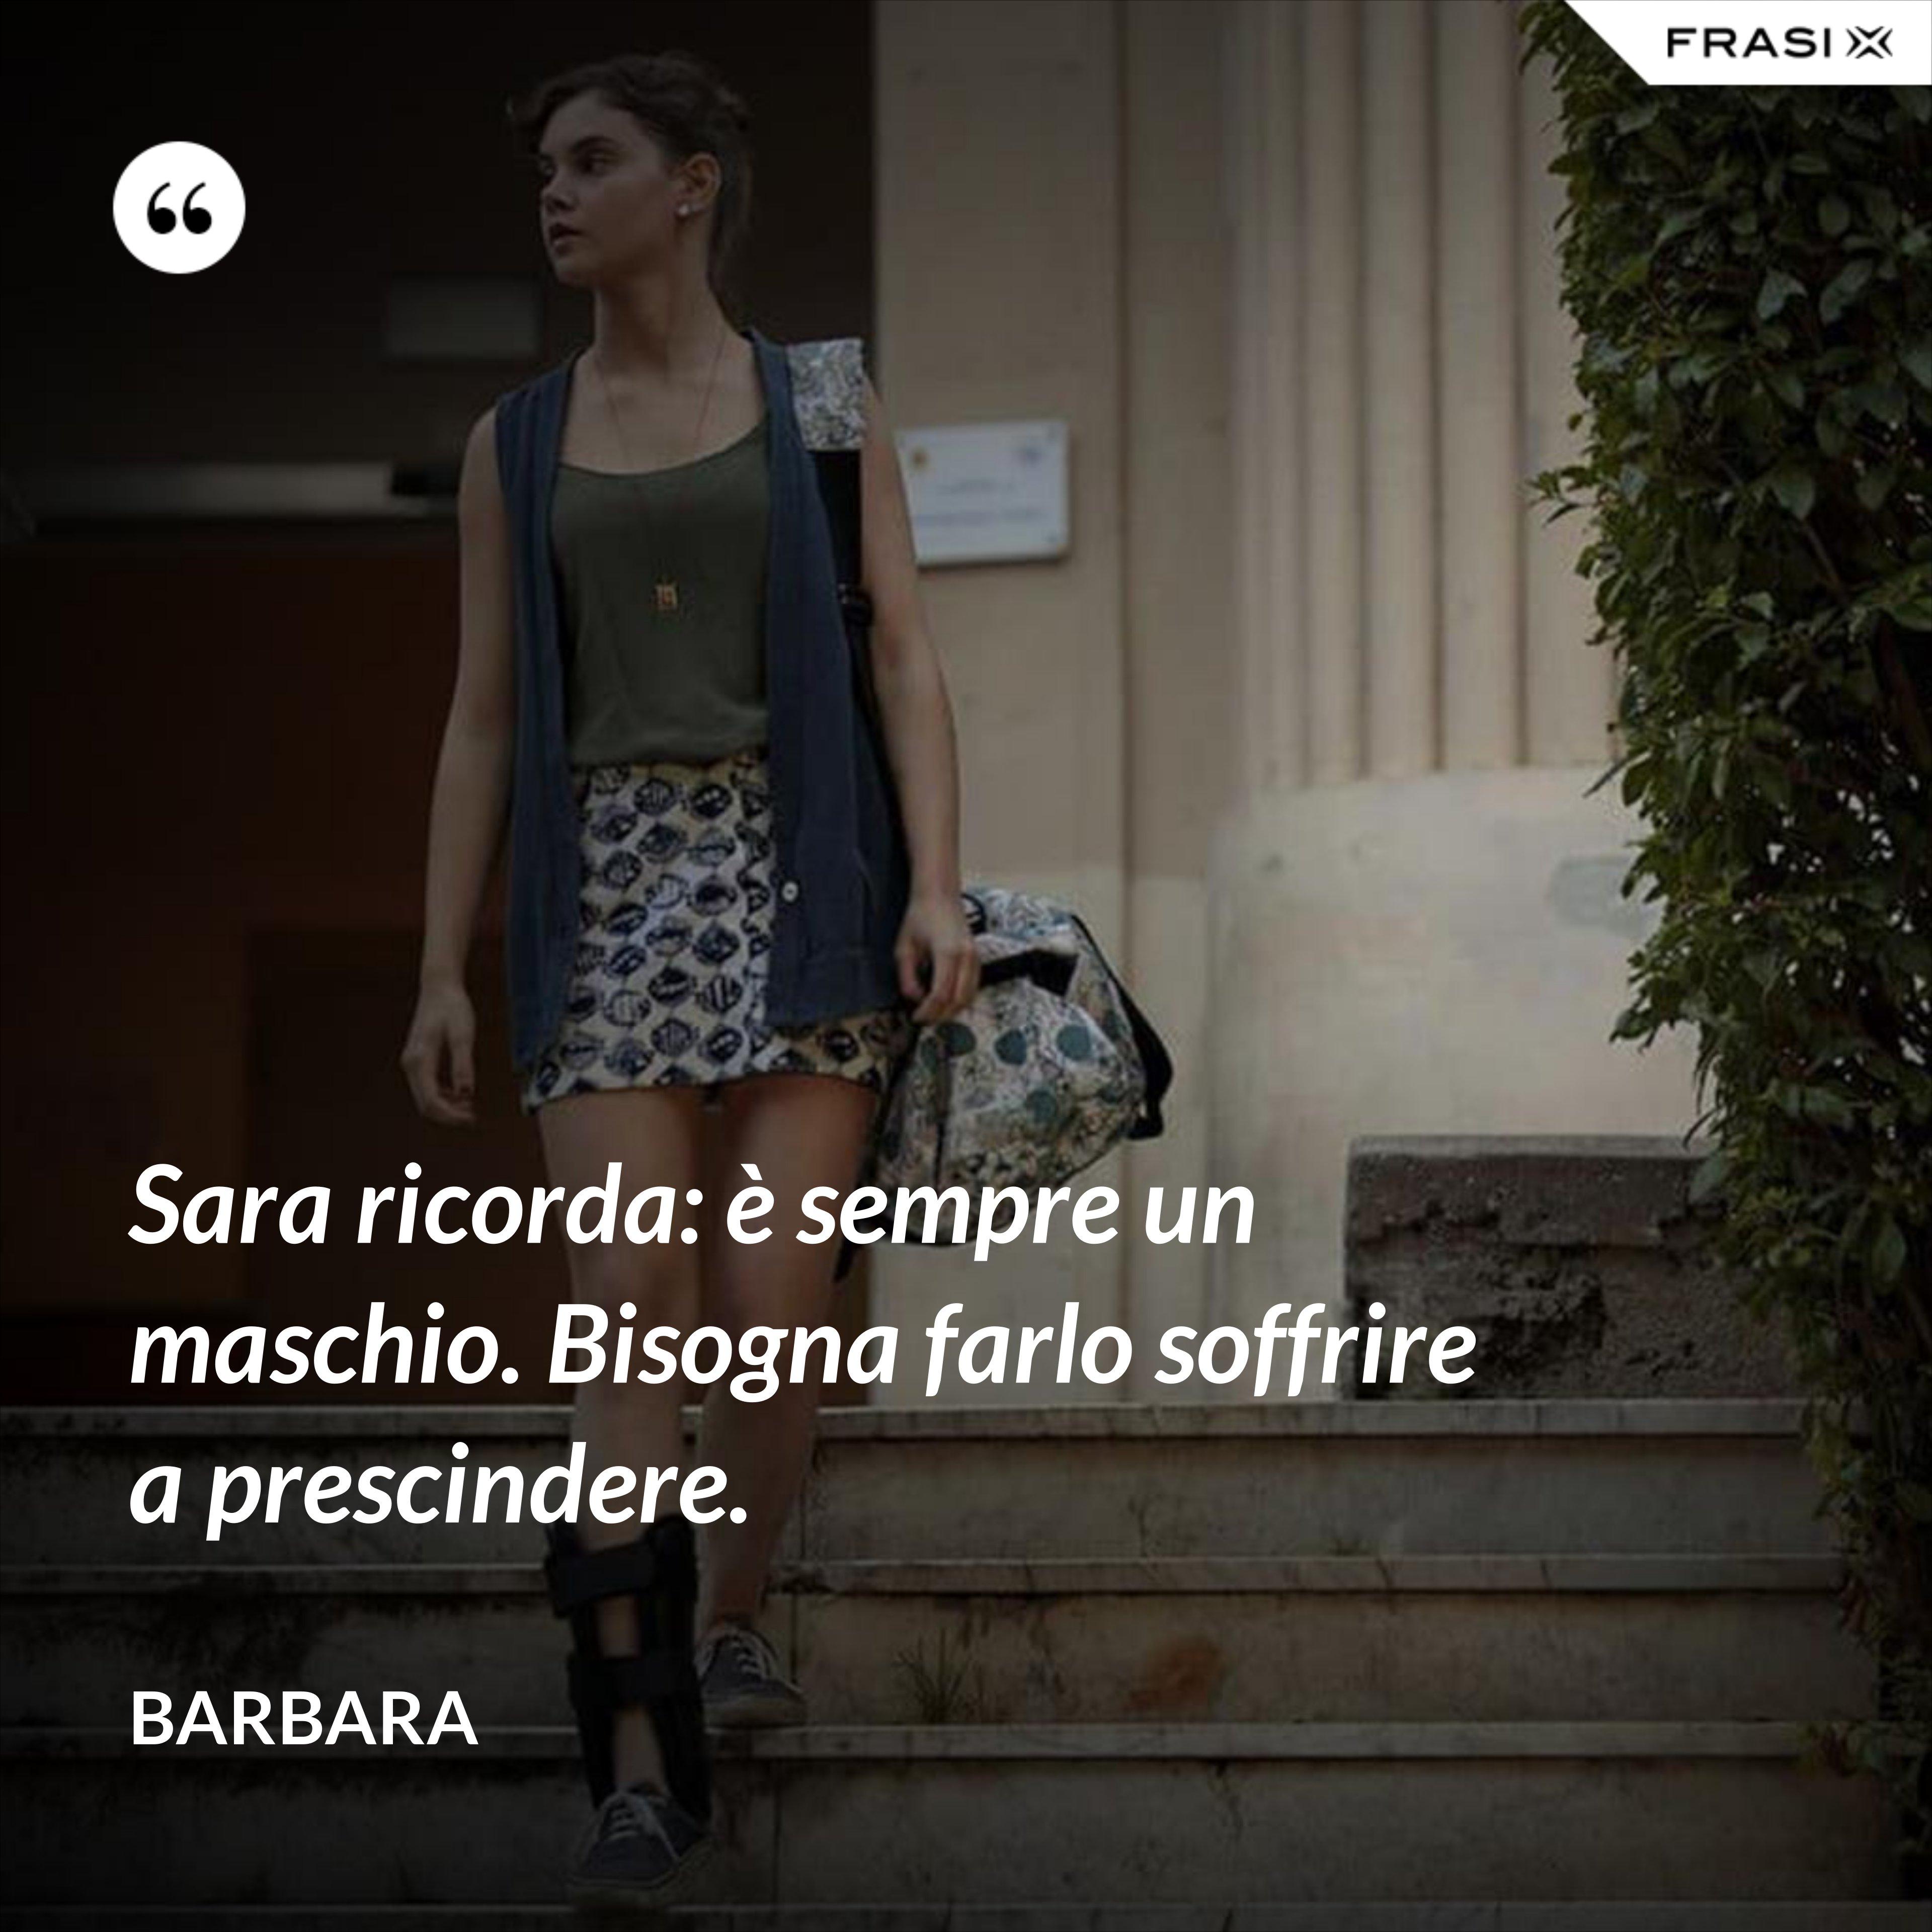 Sara ricorda: è sempre un maschio. Bisogna farlo soffrire a prescindere. - Barbara